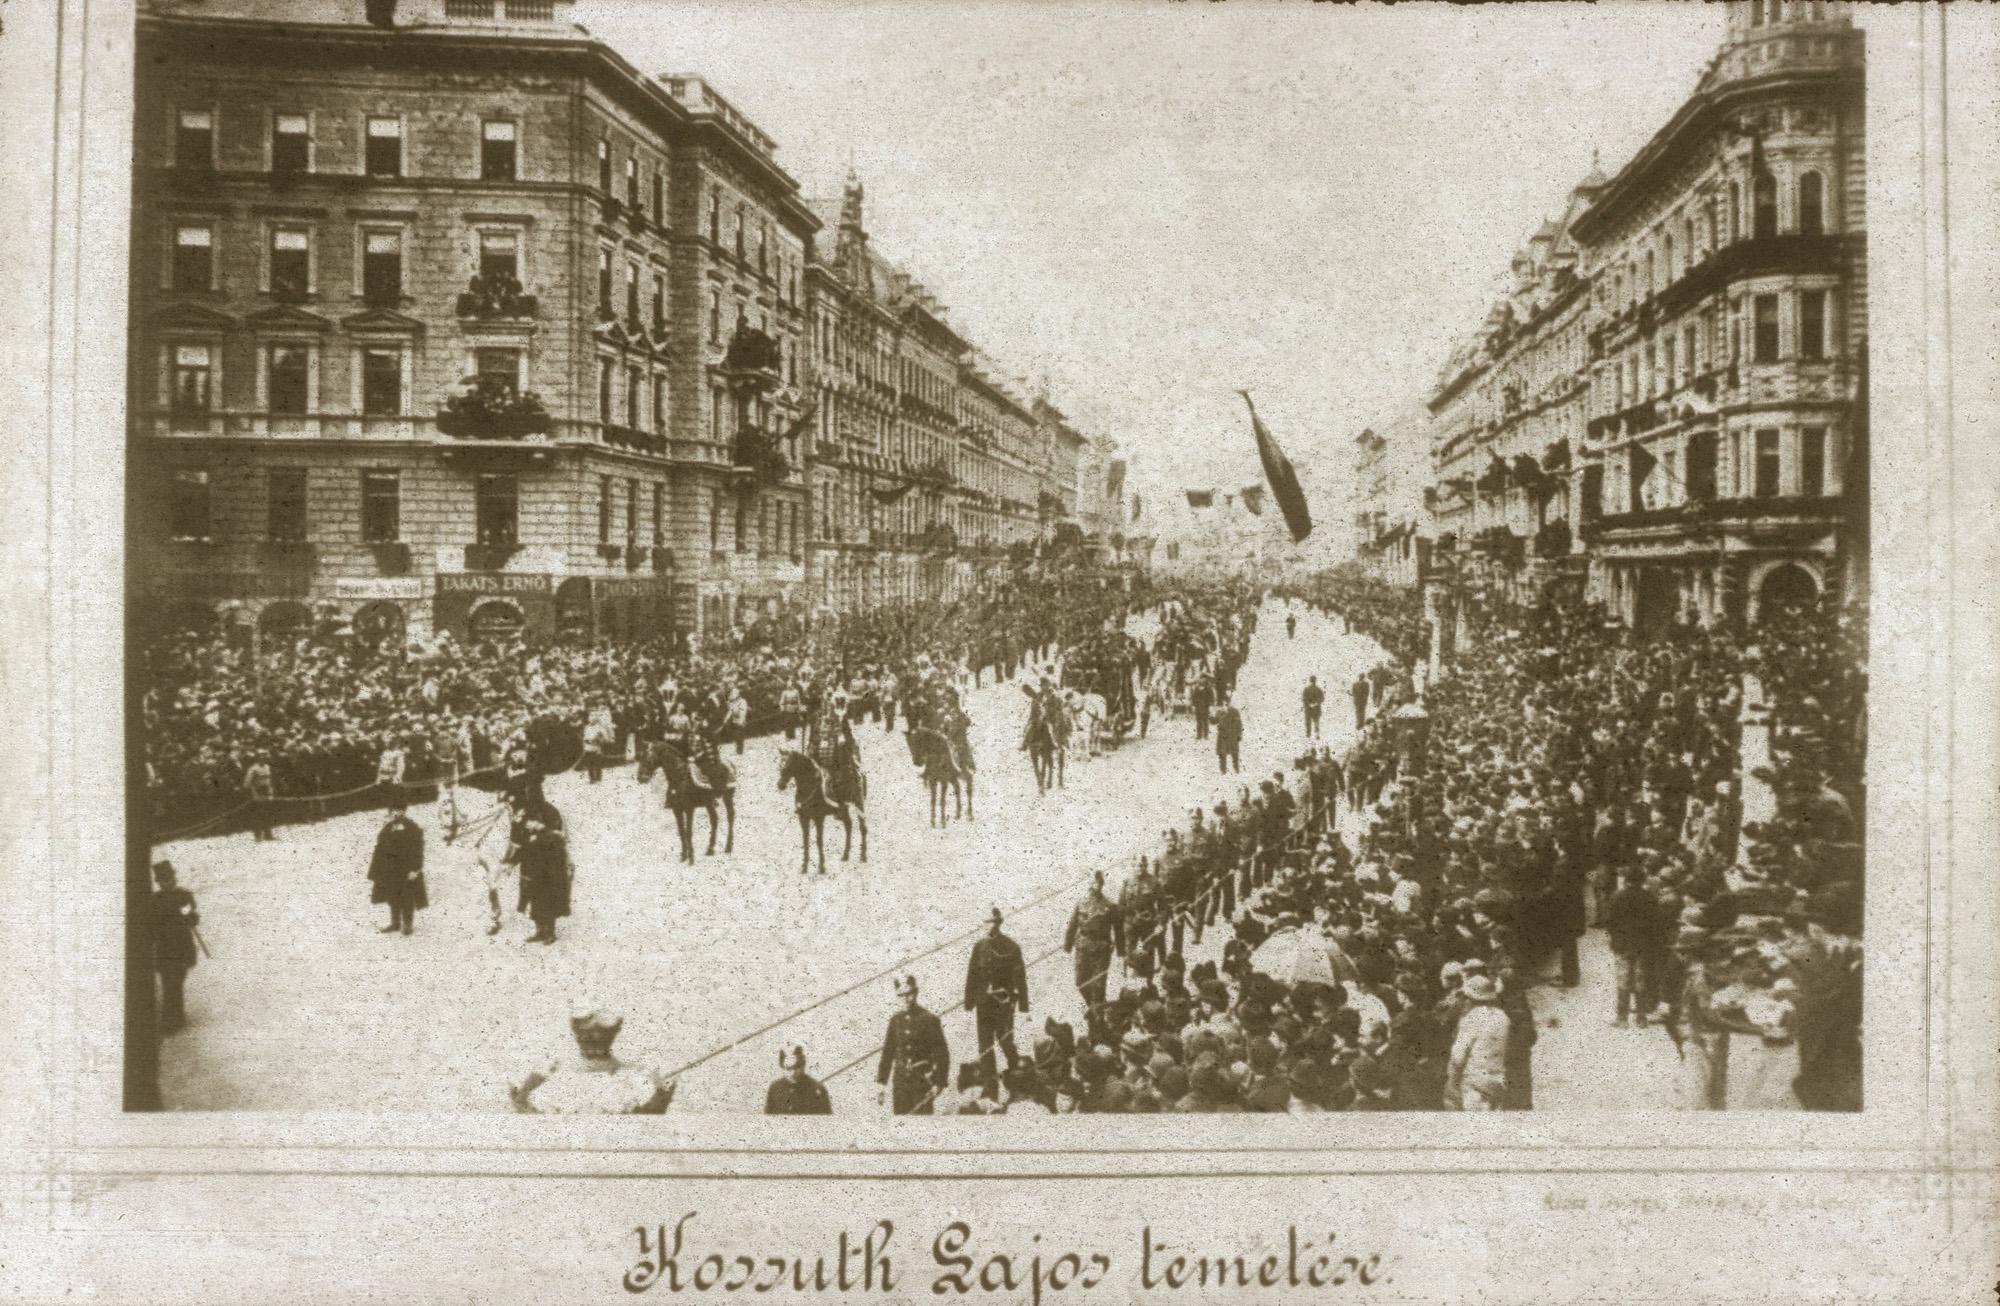 Fotó: Klösz György: Kossuth Lajos temetése, 1894 (Kisképző Digitális Fotótár)